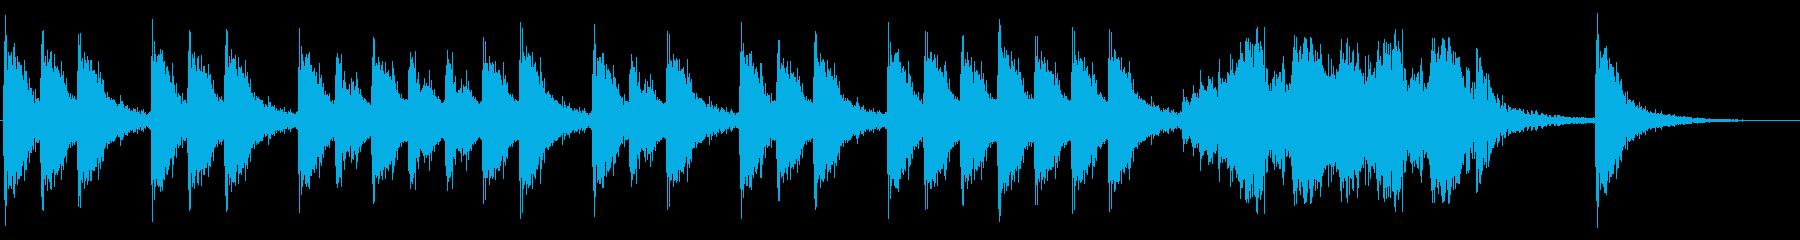 三三七拍子。迫力のある太鼓音の再生済みの波形